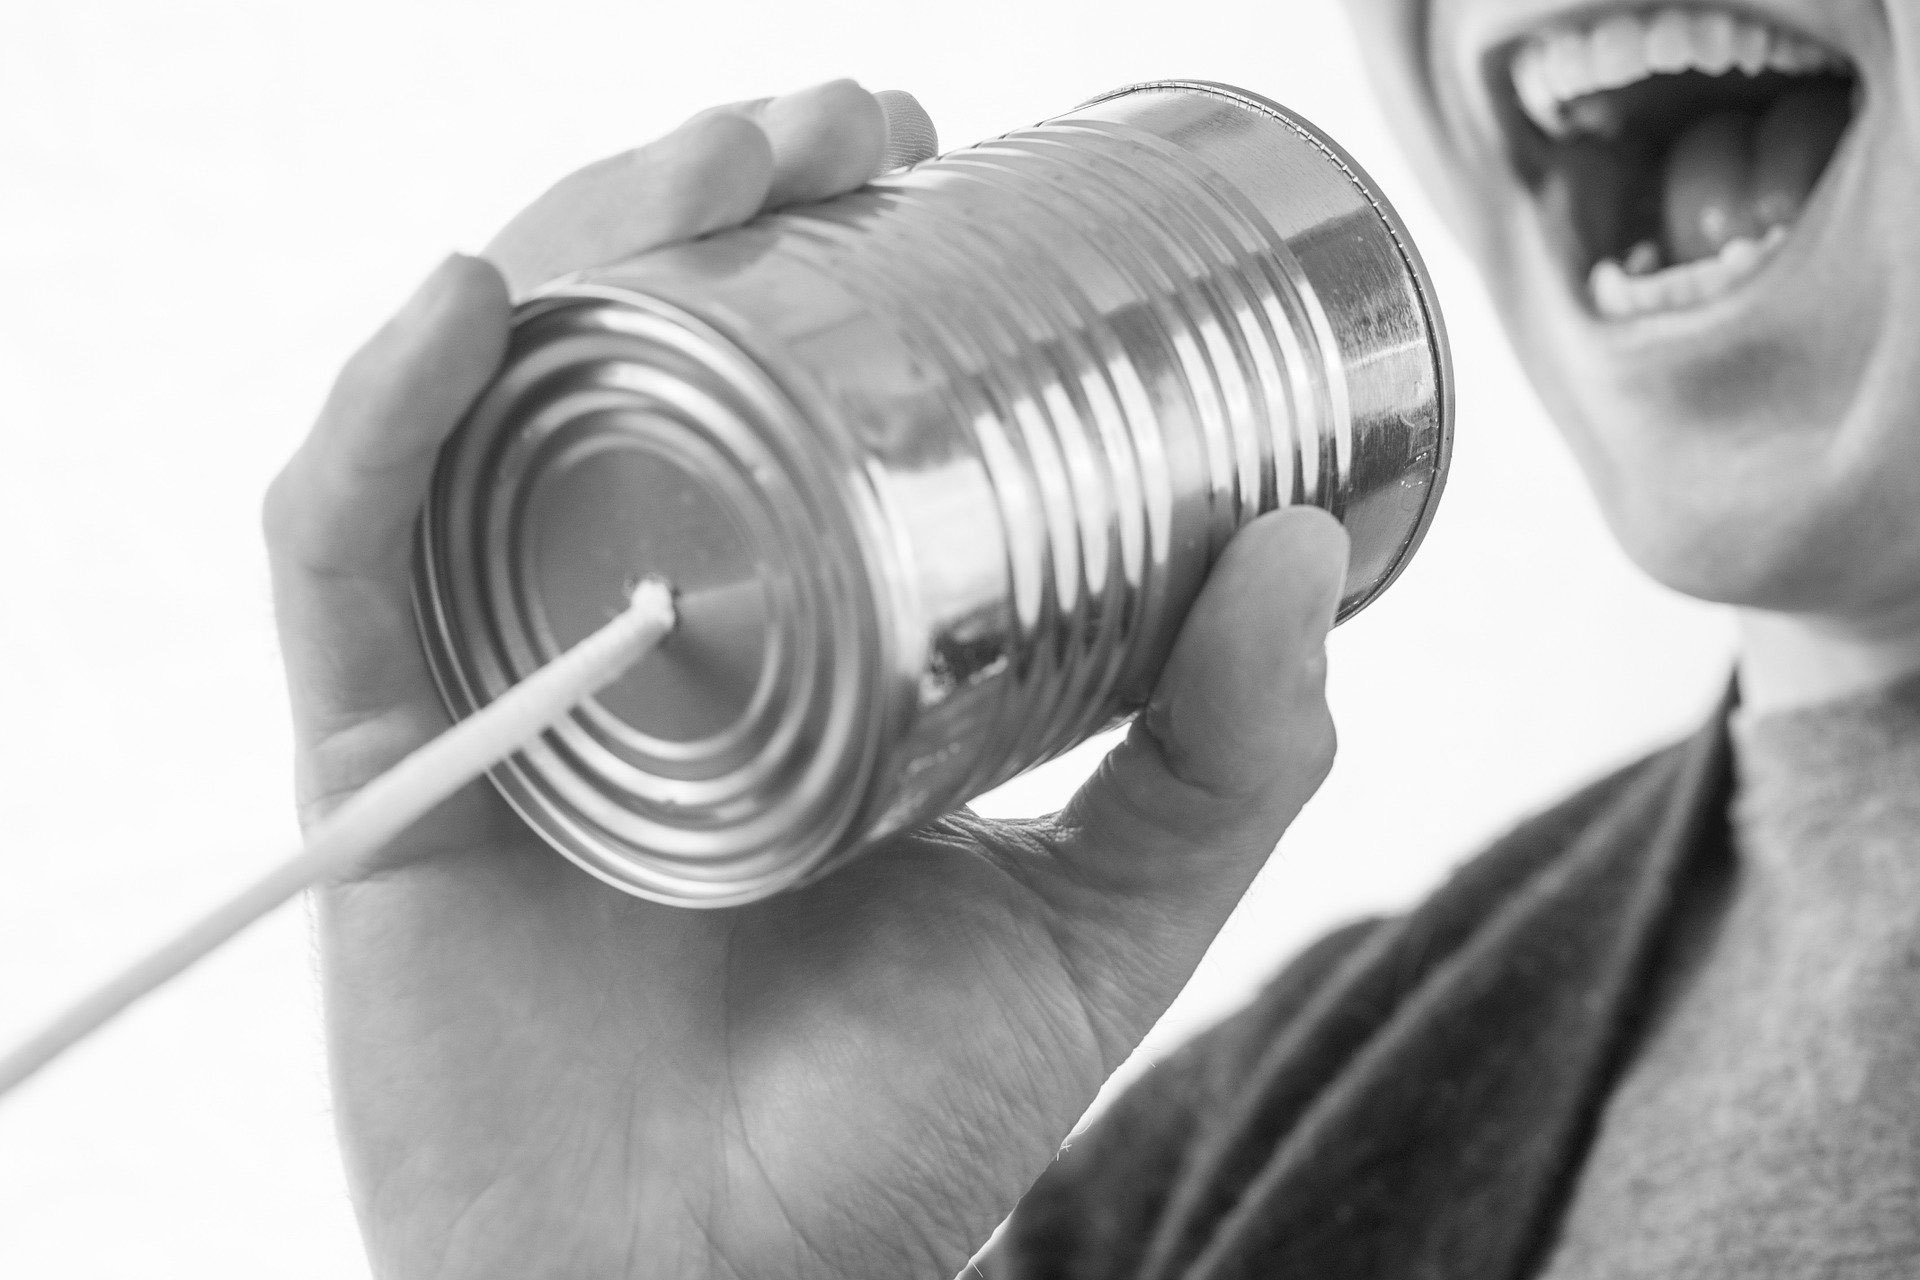 """Um auf sich aufmerksam zu machen, mussten Handwerker im Mittelalter sich und ihre Ware laut anpreisen. Noch heute heißt es """"Klappern gehört zum Handwerk"""". Auch beim Restaurieren darf Eigenwerbung nicht fehlen, sie sollte allerdings nicht vordergründig kommerziell ausgerichtet sein. Foto: RyanMcGuire, pixabay"""